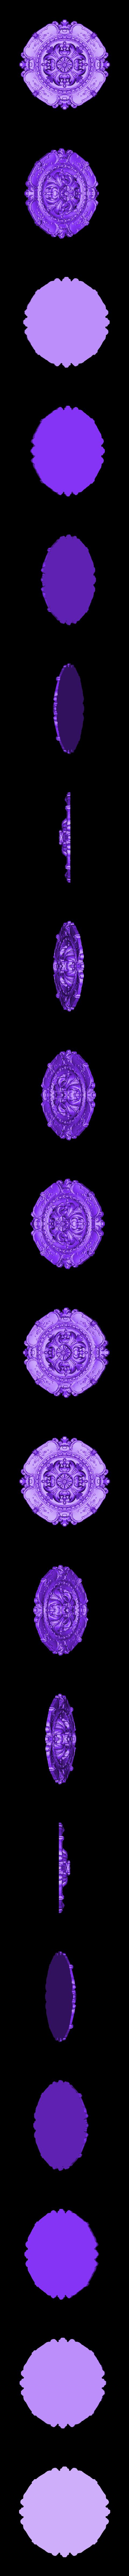 41.stl Télécharger fichier OBJ gratuit Moulures vintage pour vieux appartements classiques cnc art machine à router 3D printed • Modèle à imprimer en 3D, 3DPrinterFiles